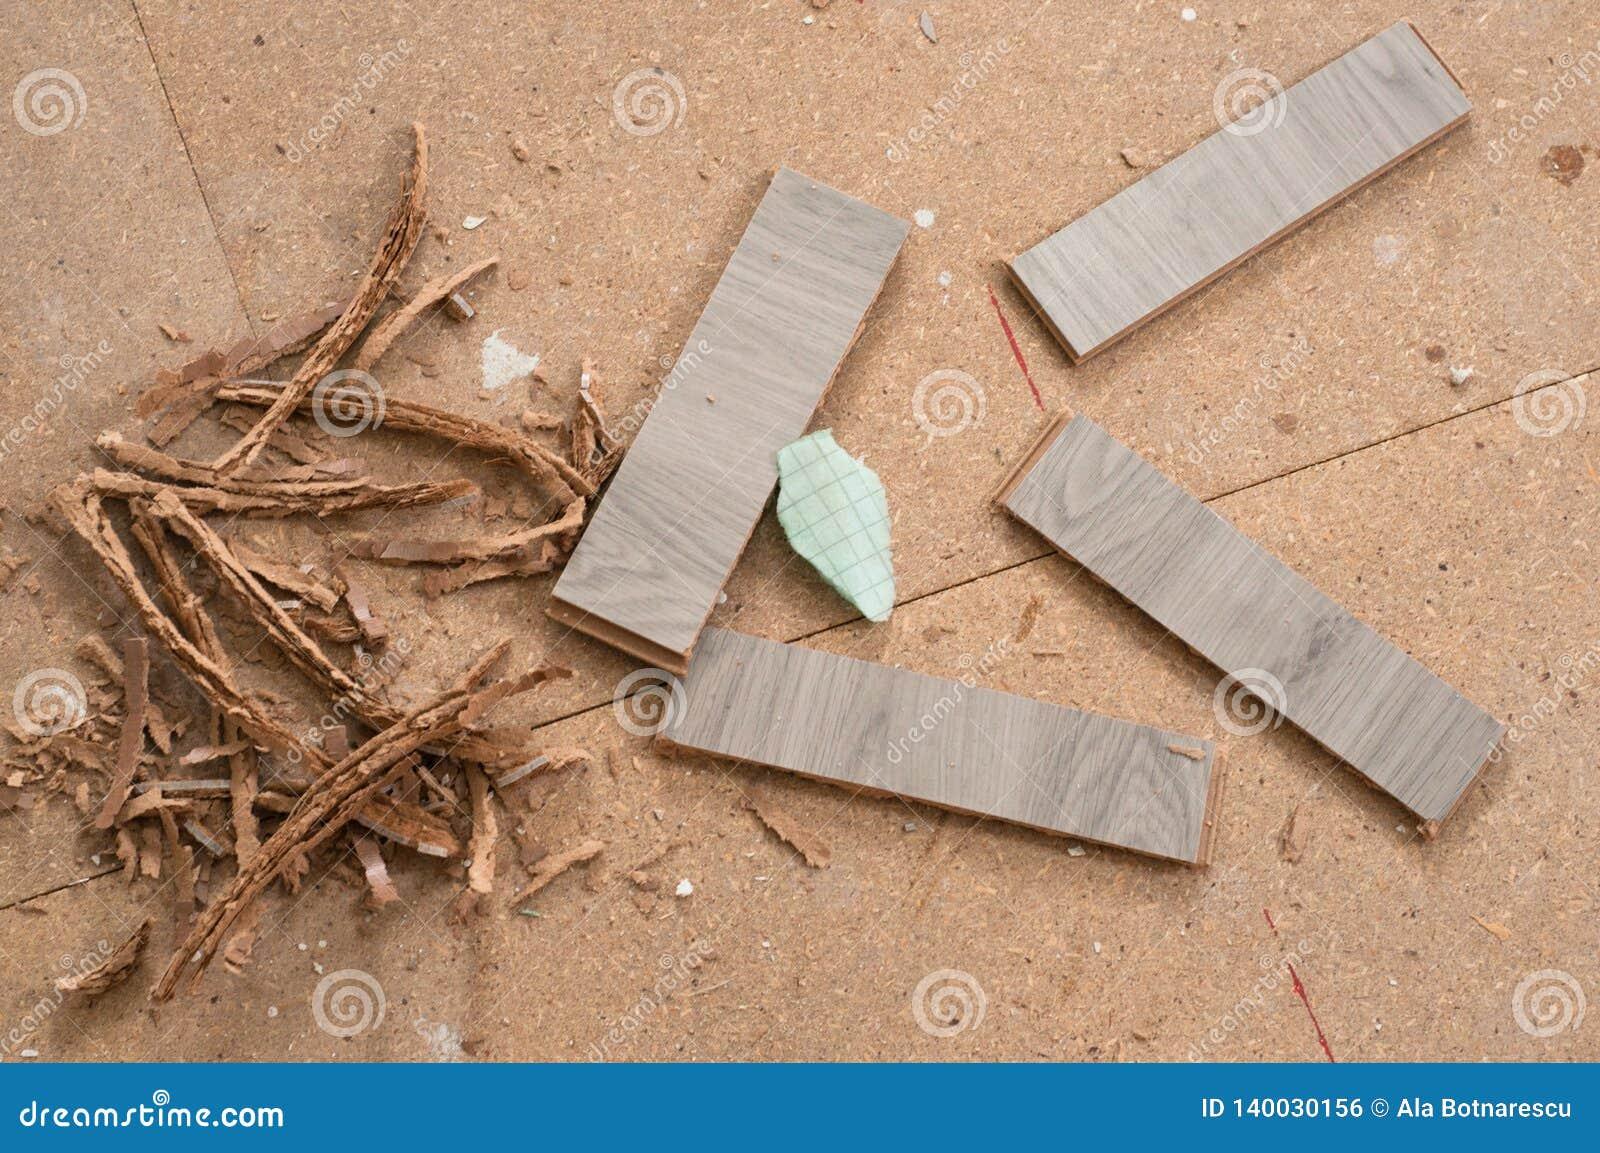 Sobras das fatias estratificadas após o corte para o instalation do assoalho de madeira novo em casa